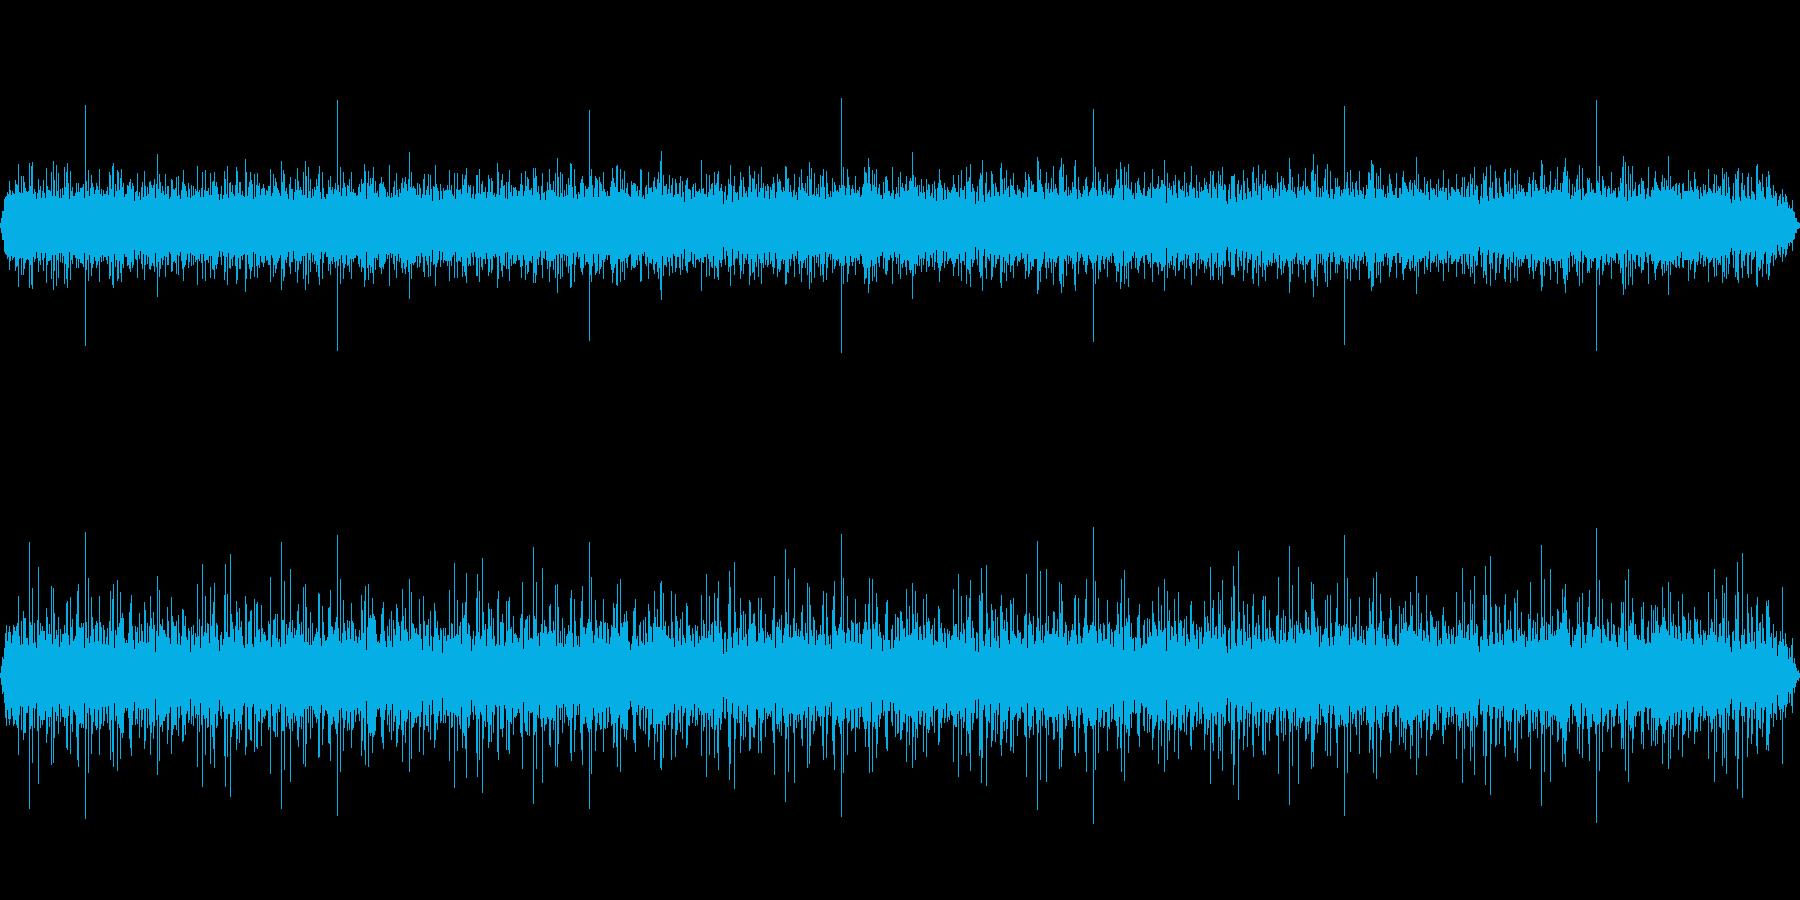 イヤホンやヘッドホンで再生すると、その…の再生済みの波形